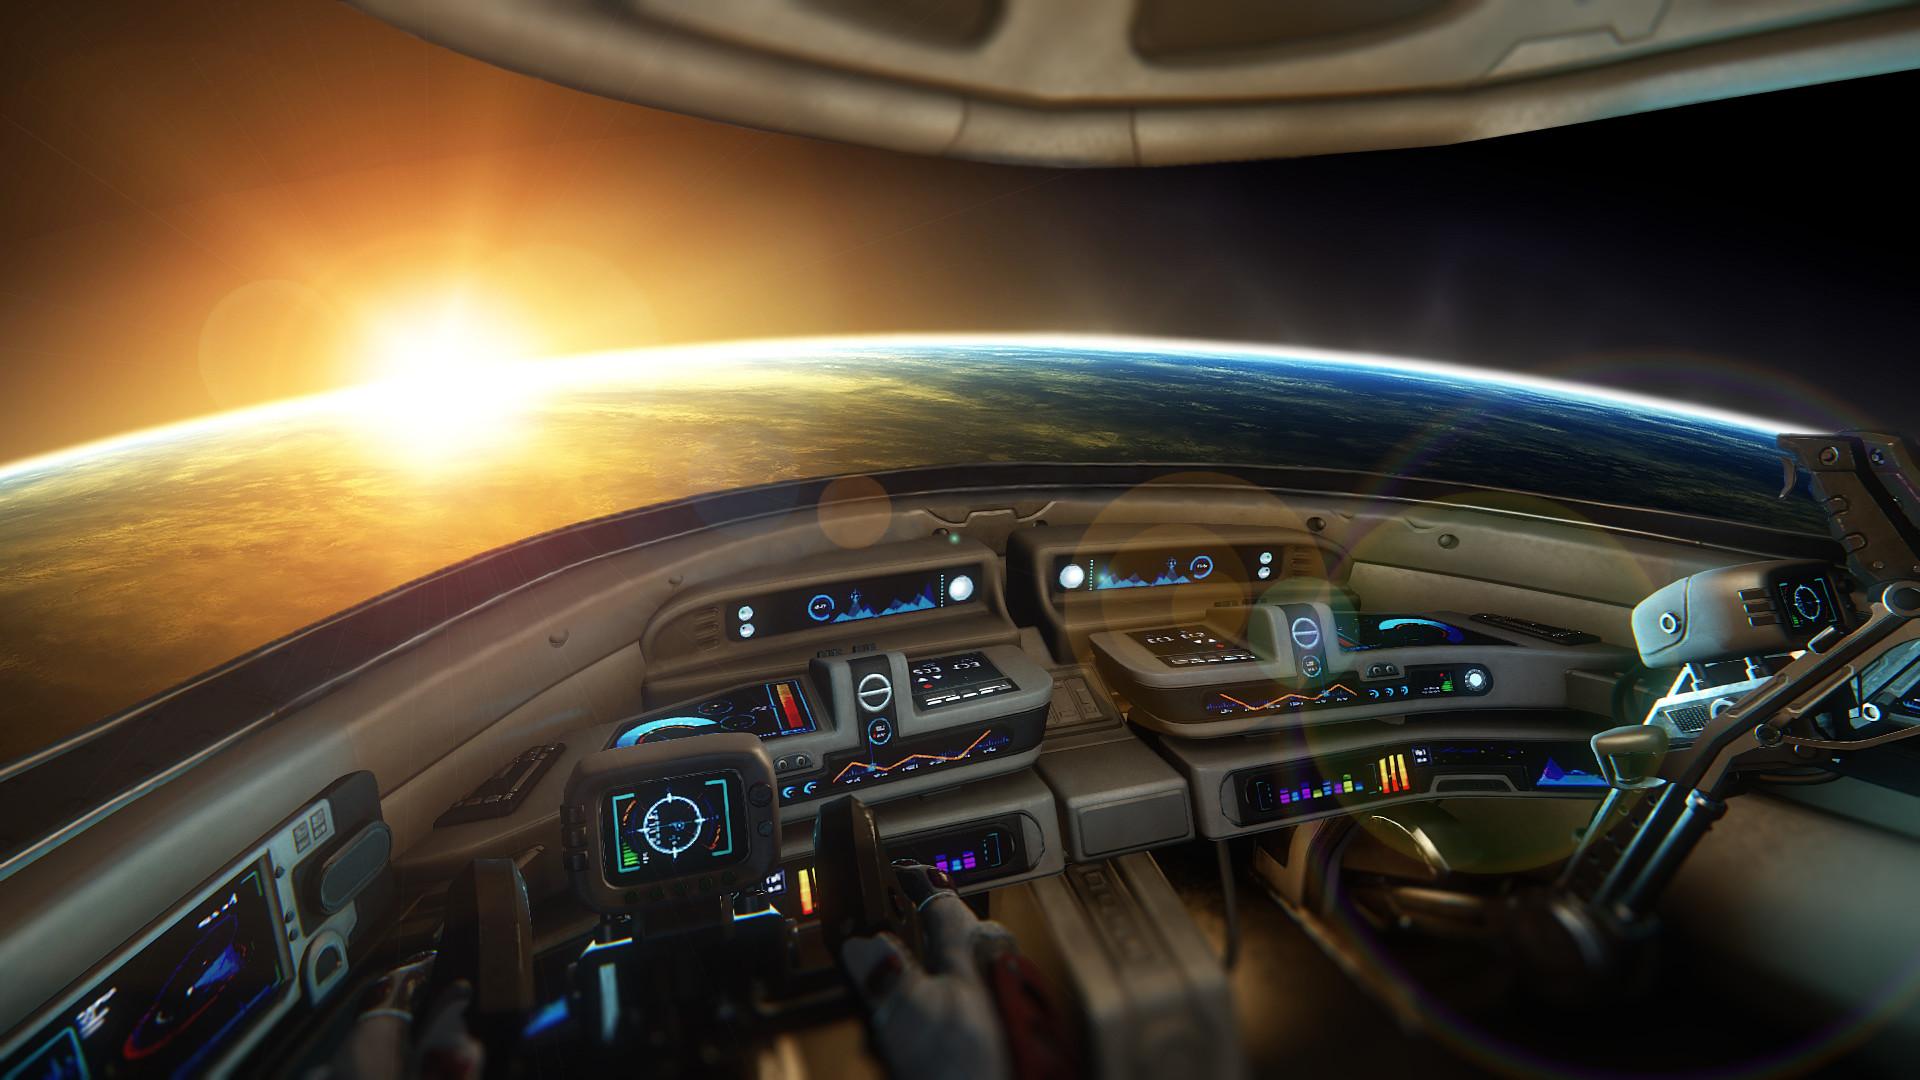 elite dangerous cockpit hd wallpaper - photo #48